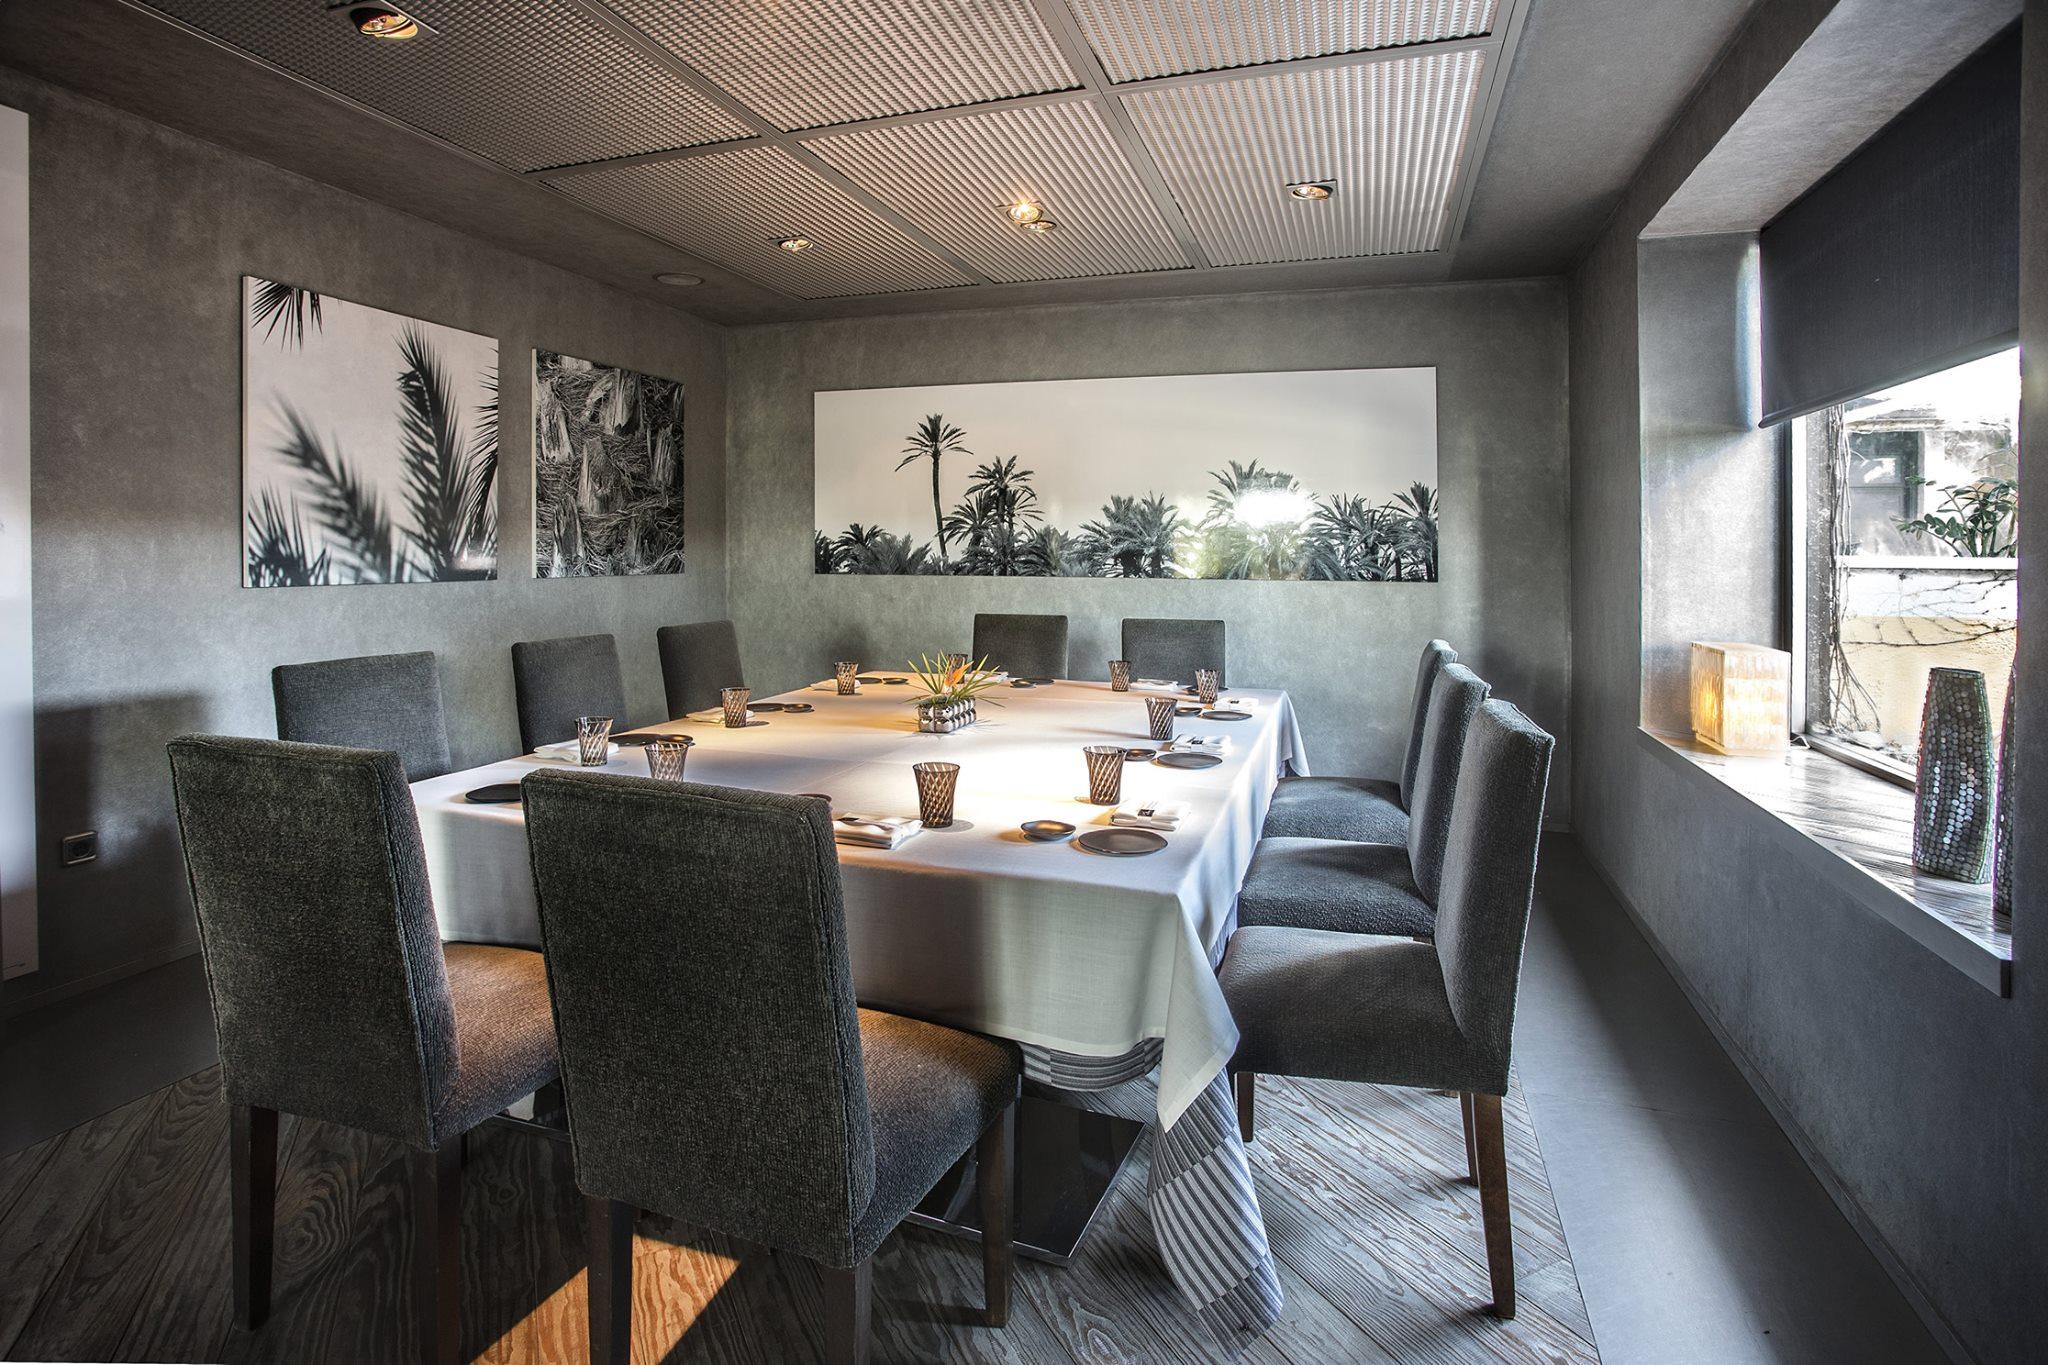 Salón privado del restaurante La Finca (Elche) de Susi Díaz